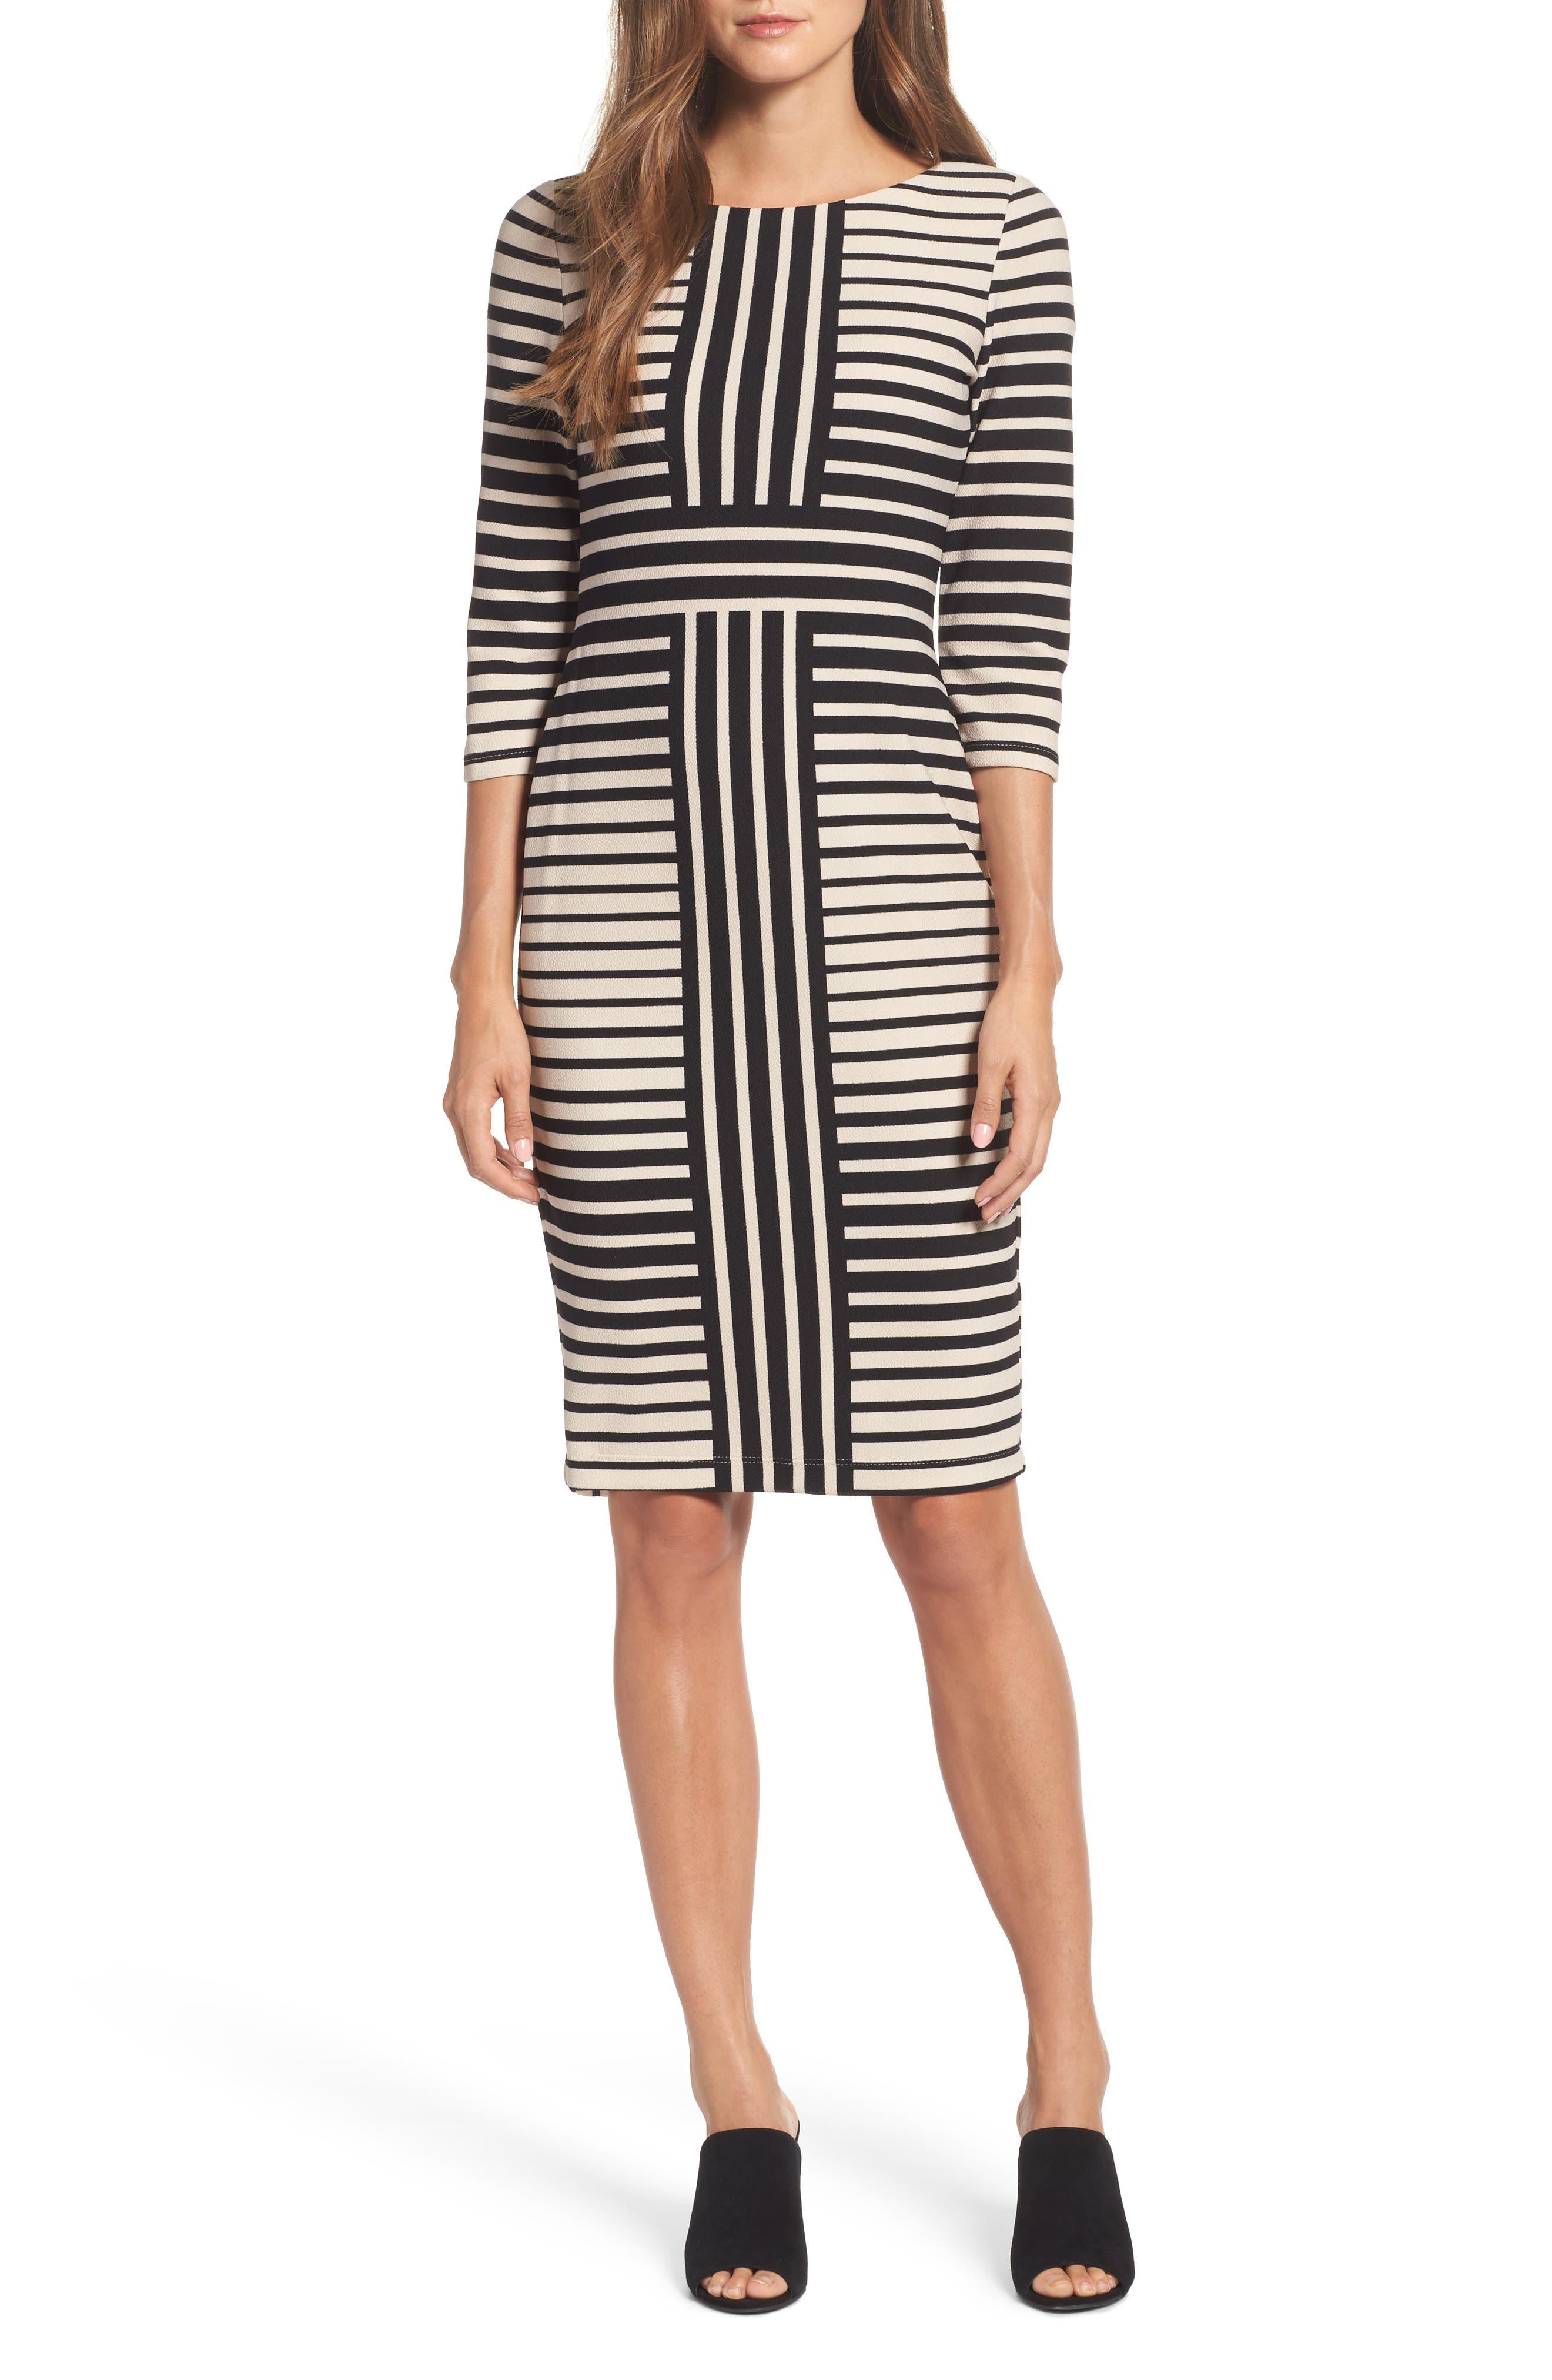 Gabby Skye Stripe Sheath Dress